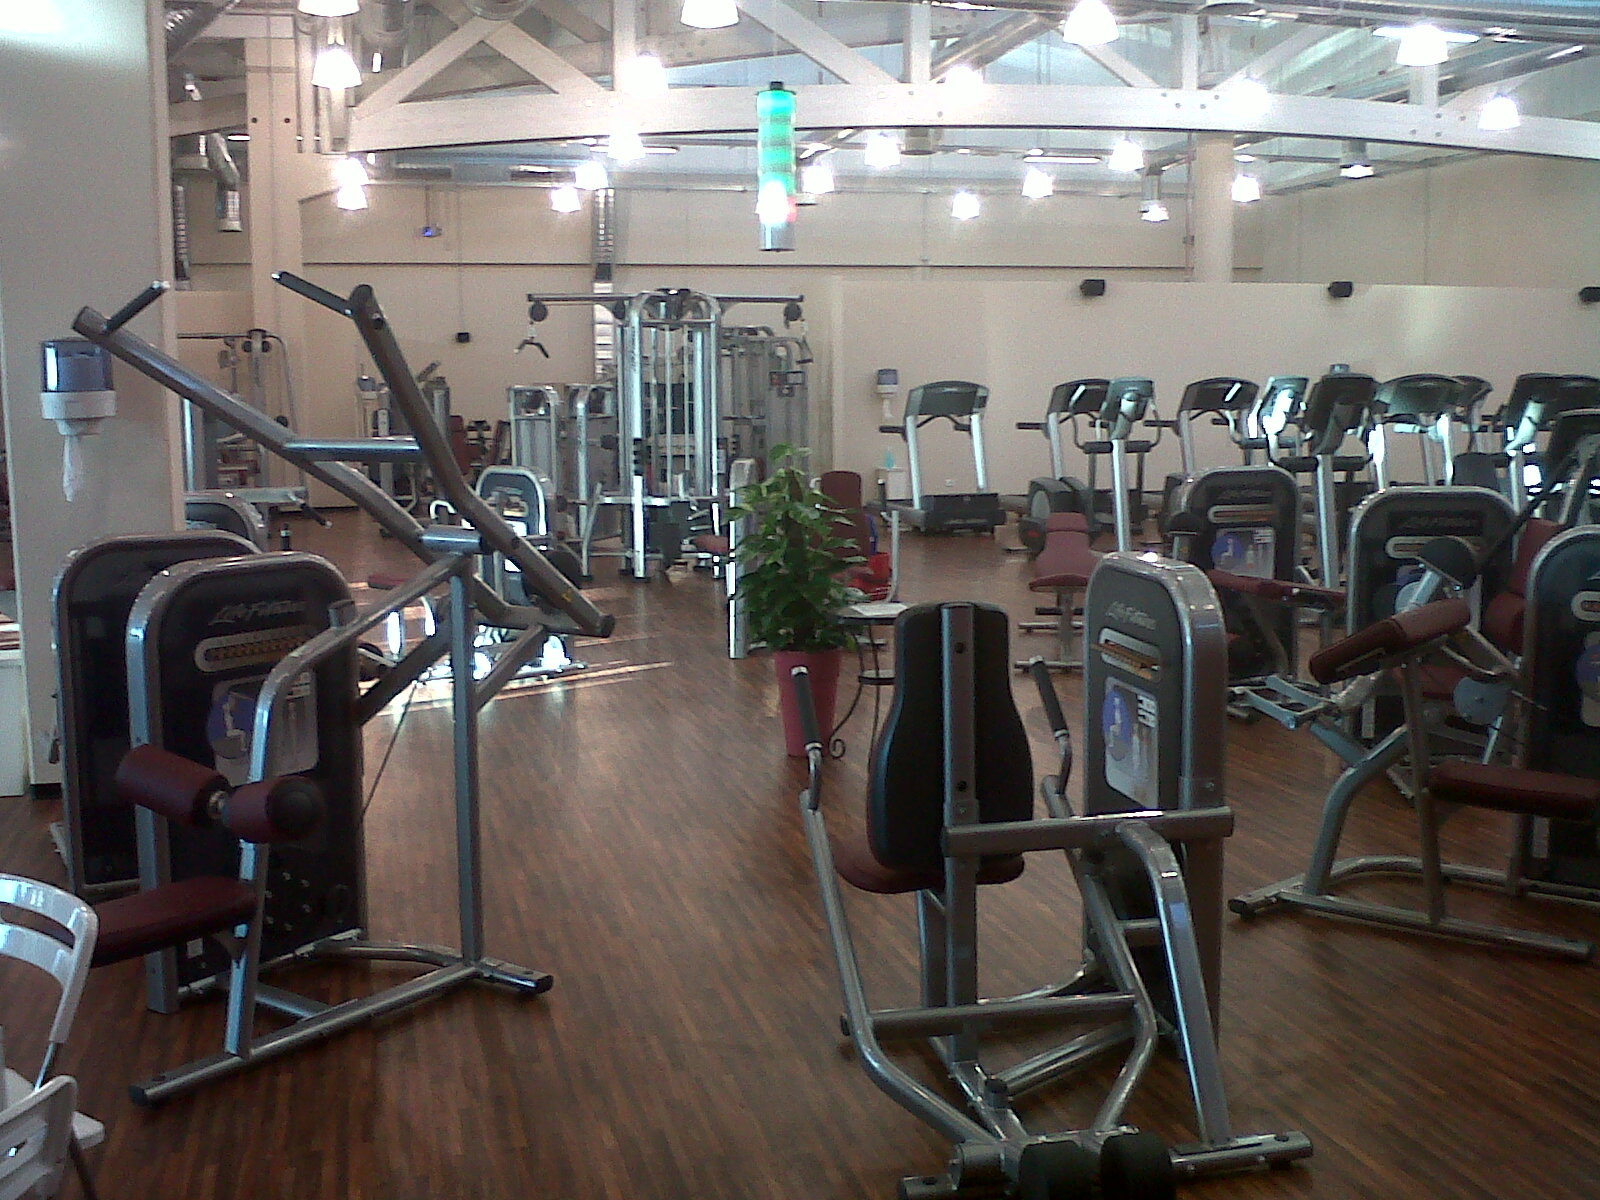 Circuito Gym : Circuito aero local kl gym